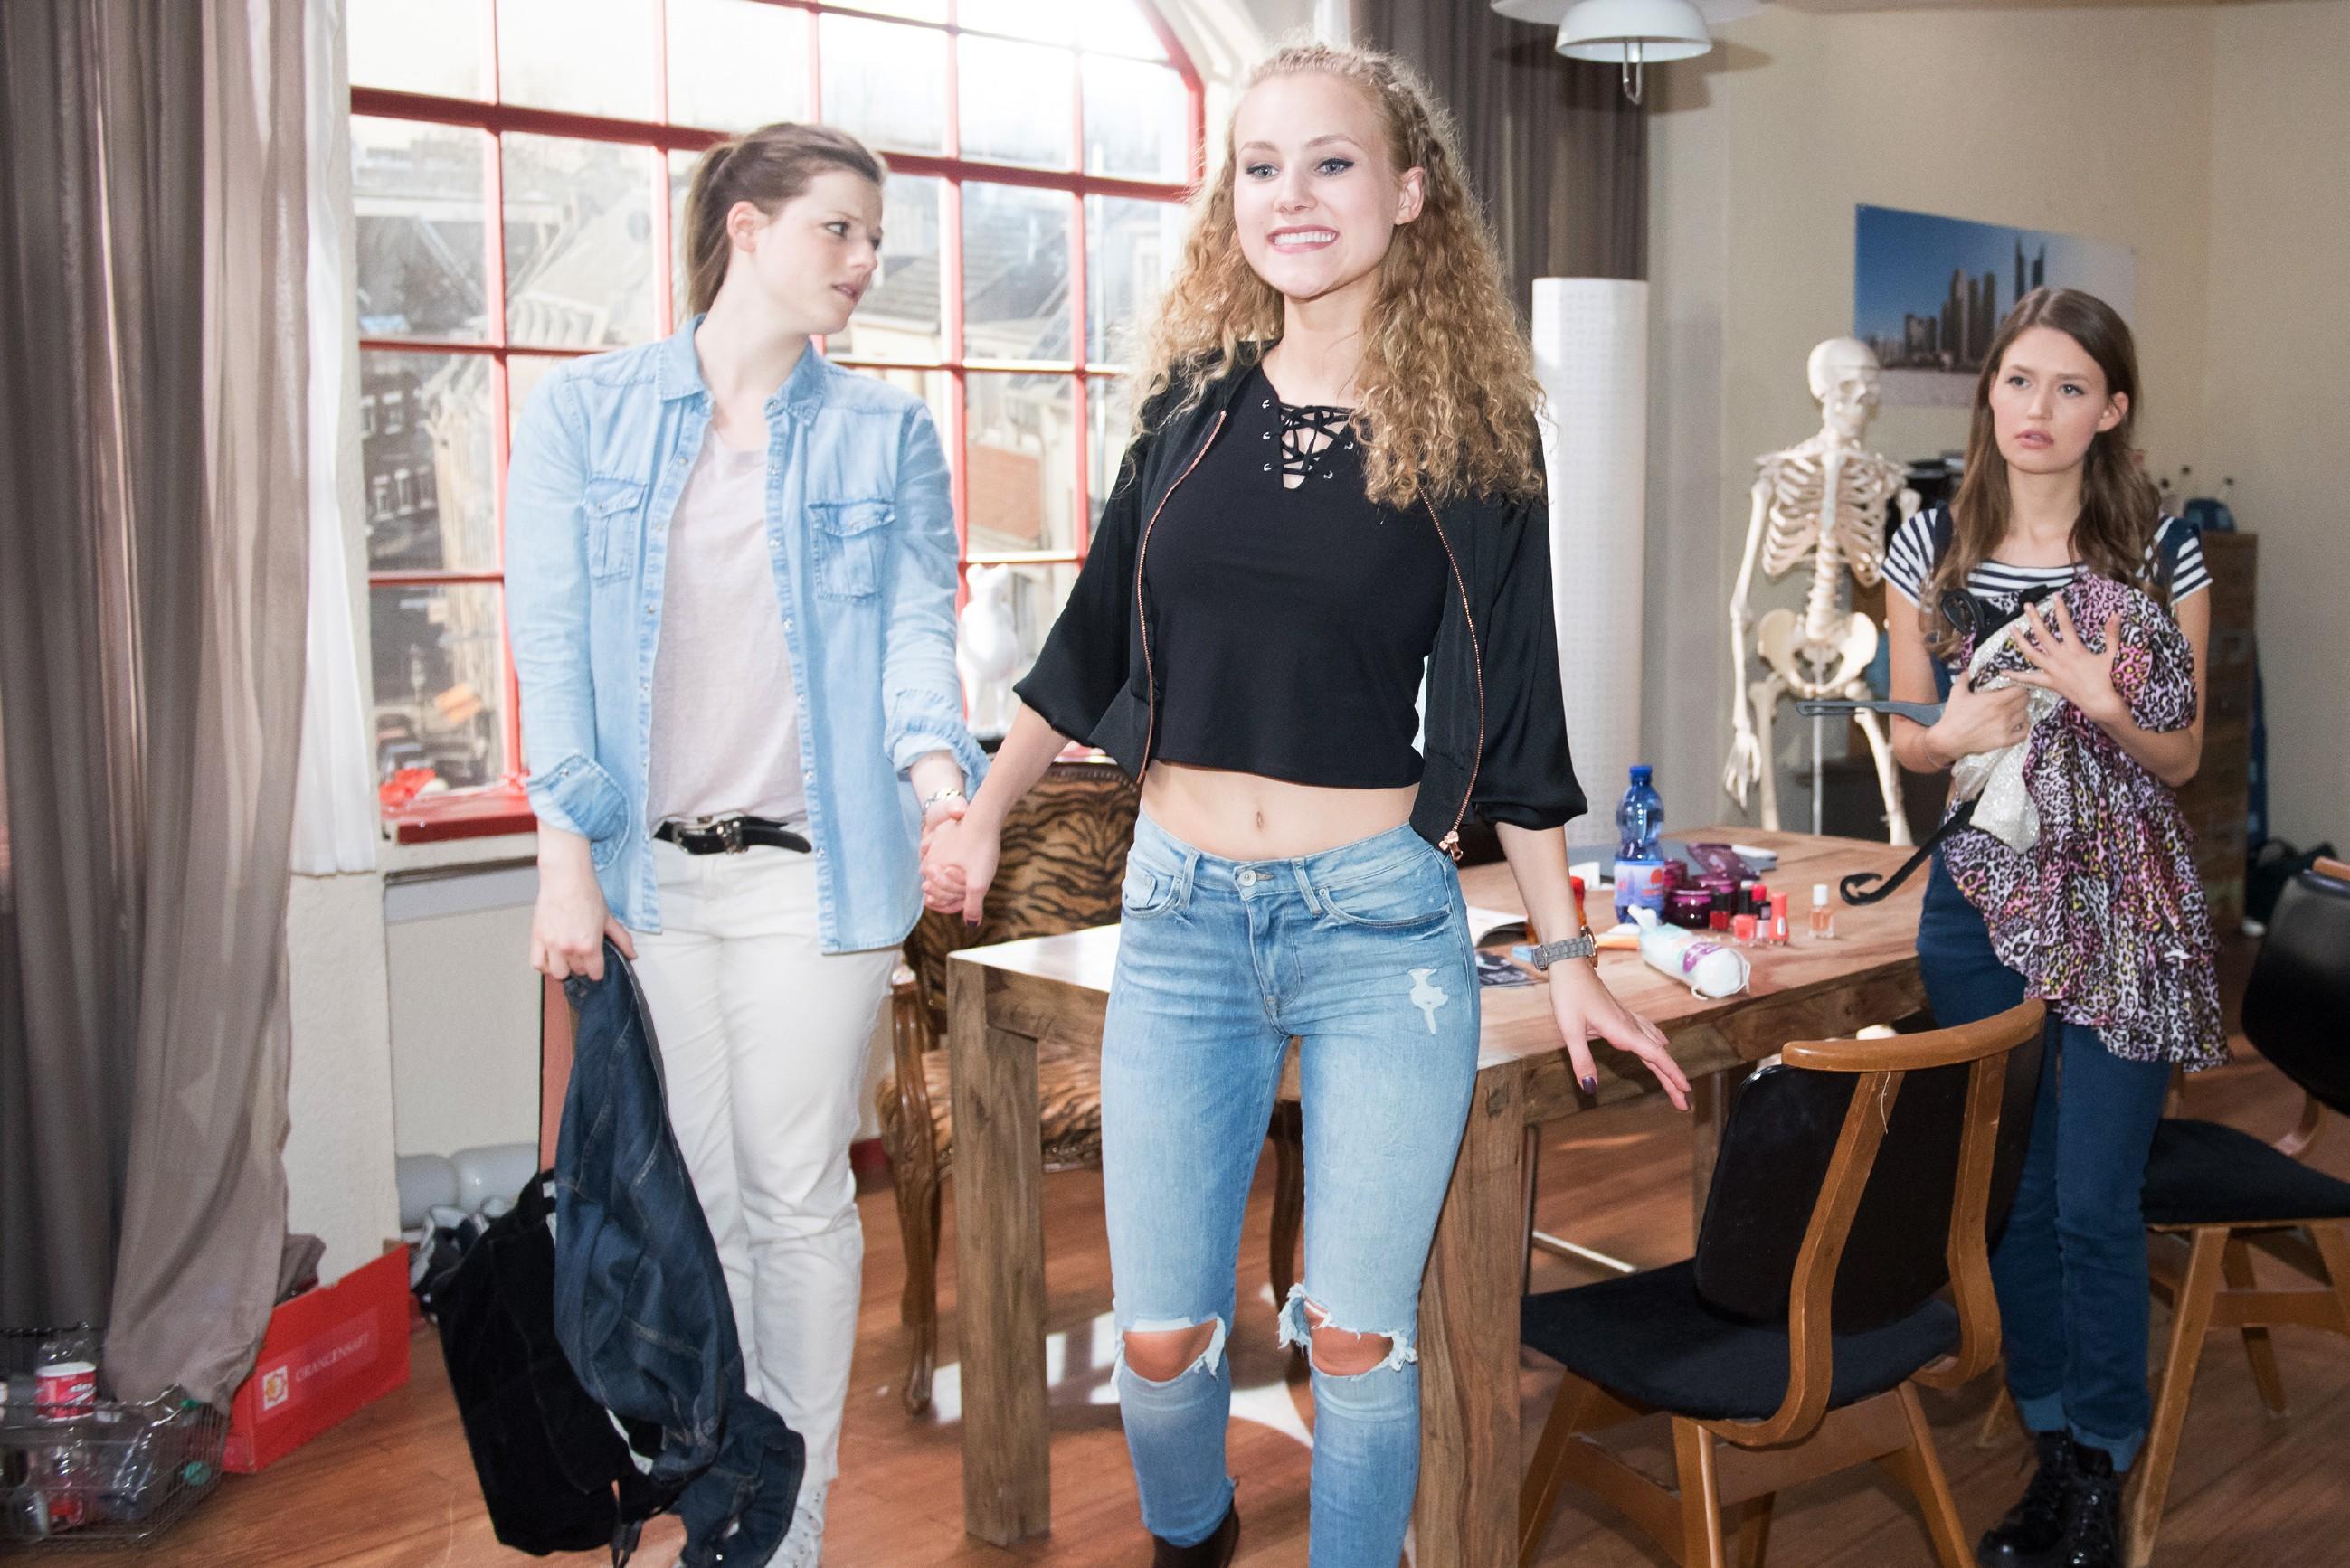 Elli (Nora Koppen, l.) lässt sich im Beisein von Jule (Amrei Haardt, r.) von KayC (Pauline Angert) zum Shopping für die Cluberöffnung überreden. (Quelle: Foto: RTL / Stefan Behrens)